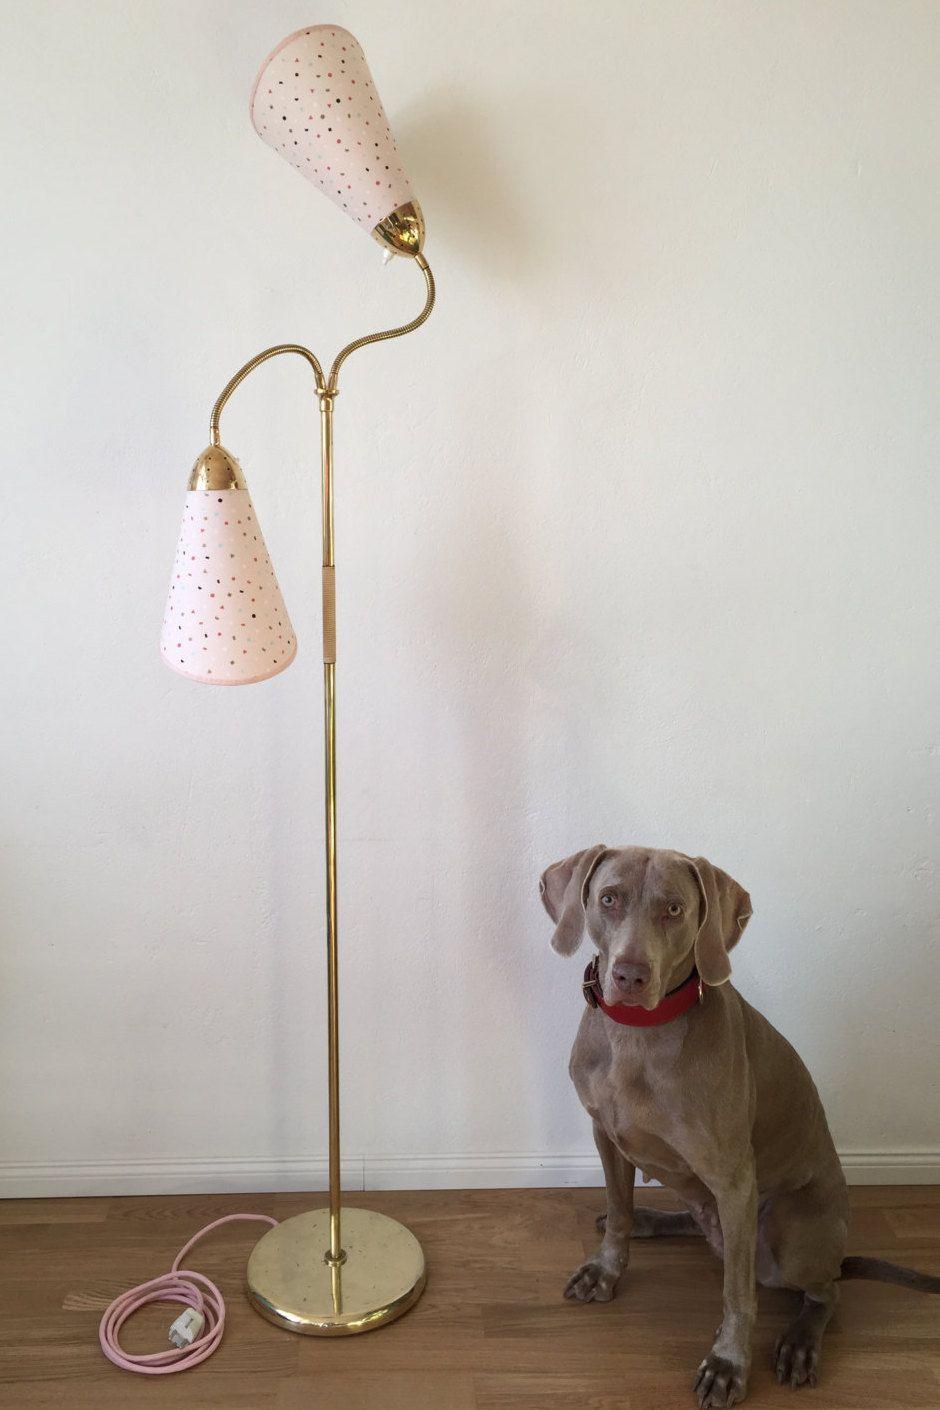 50er Jahre Tutenlampe Stehlampe Rockabilly 50s Messinglampe